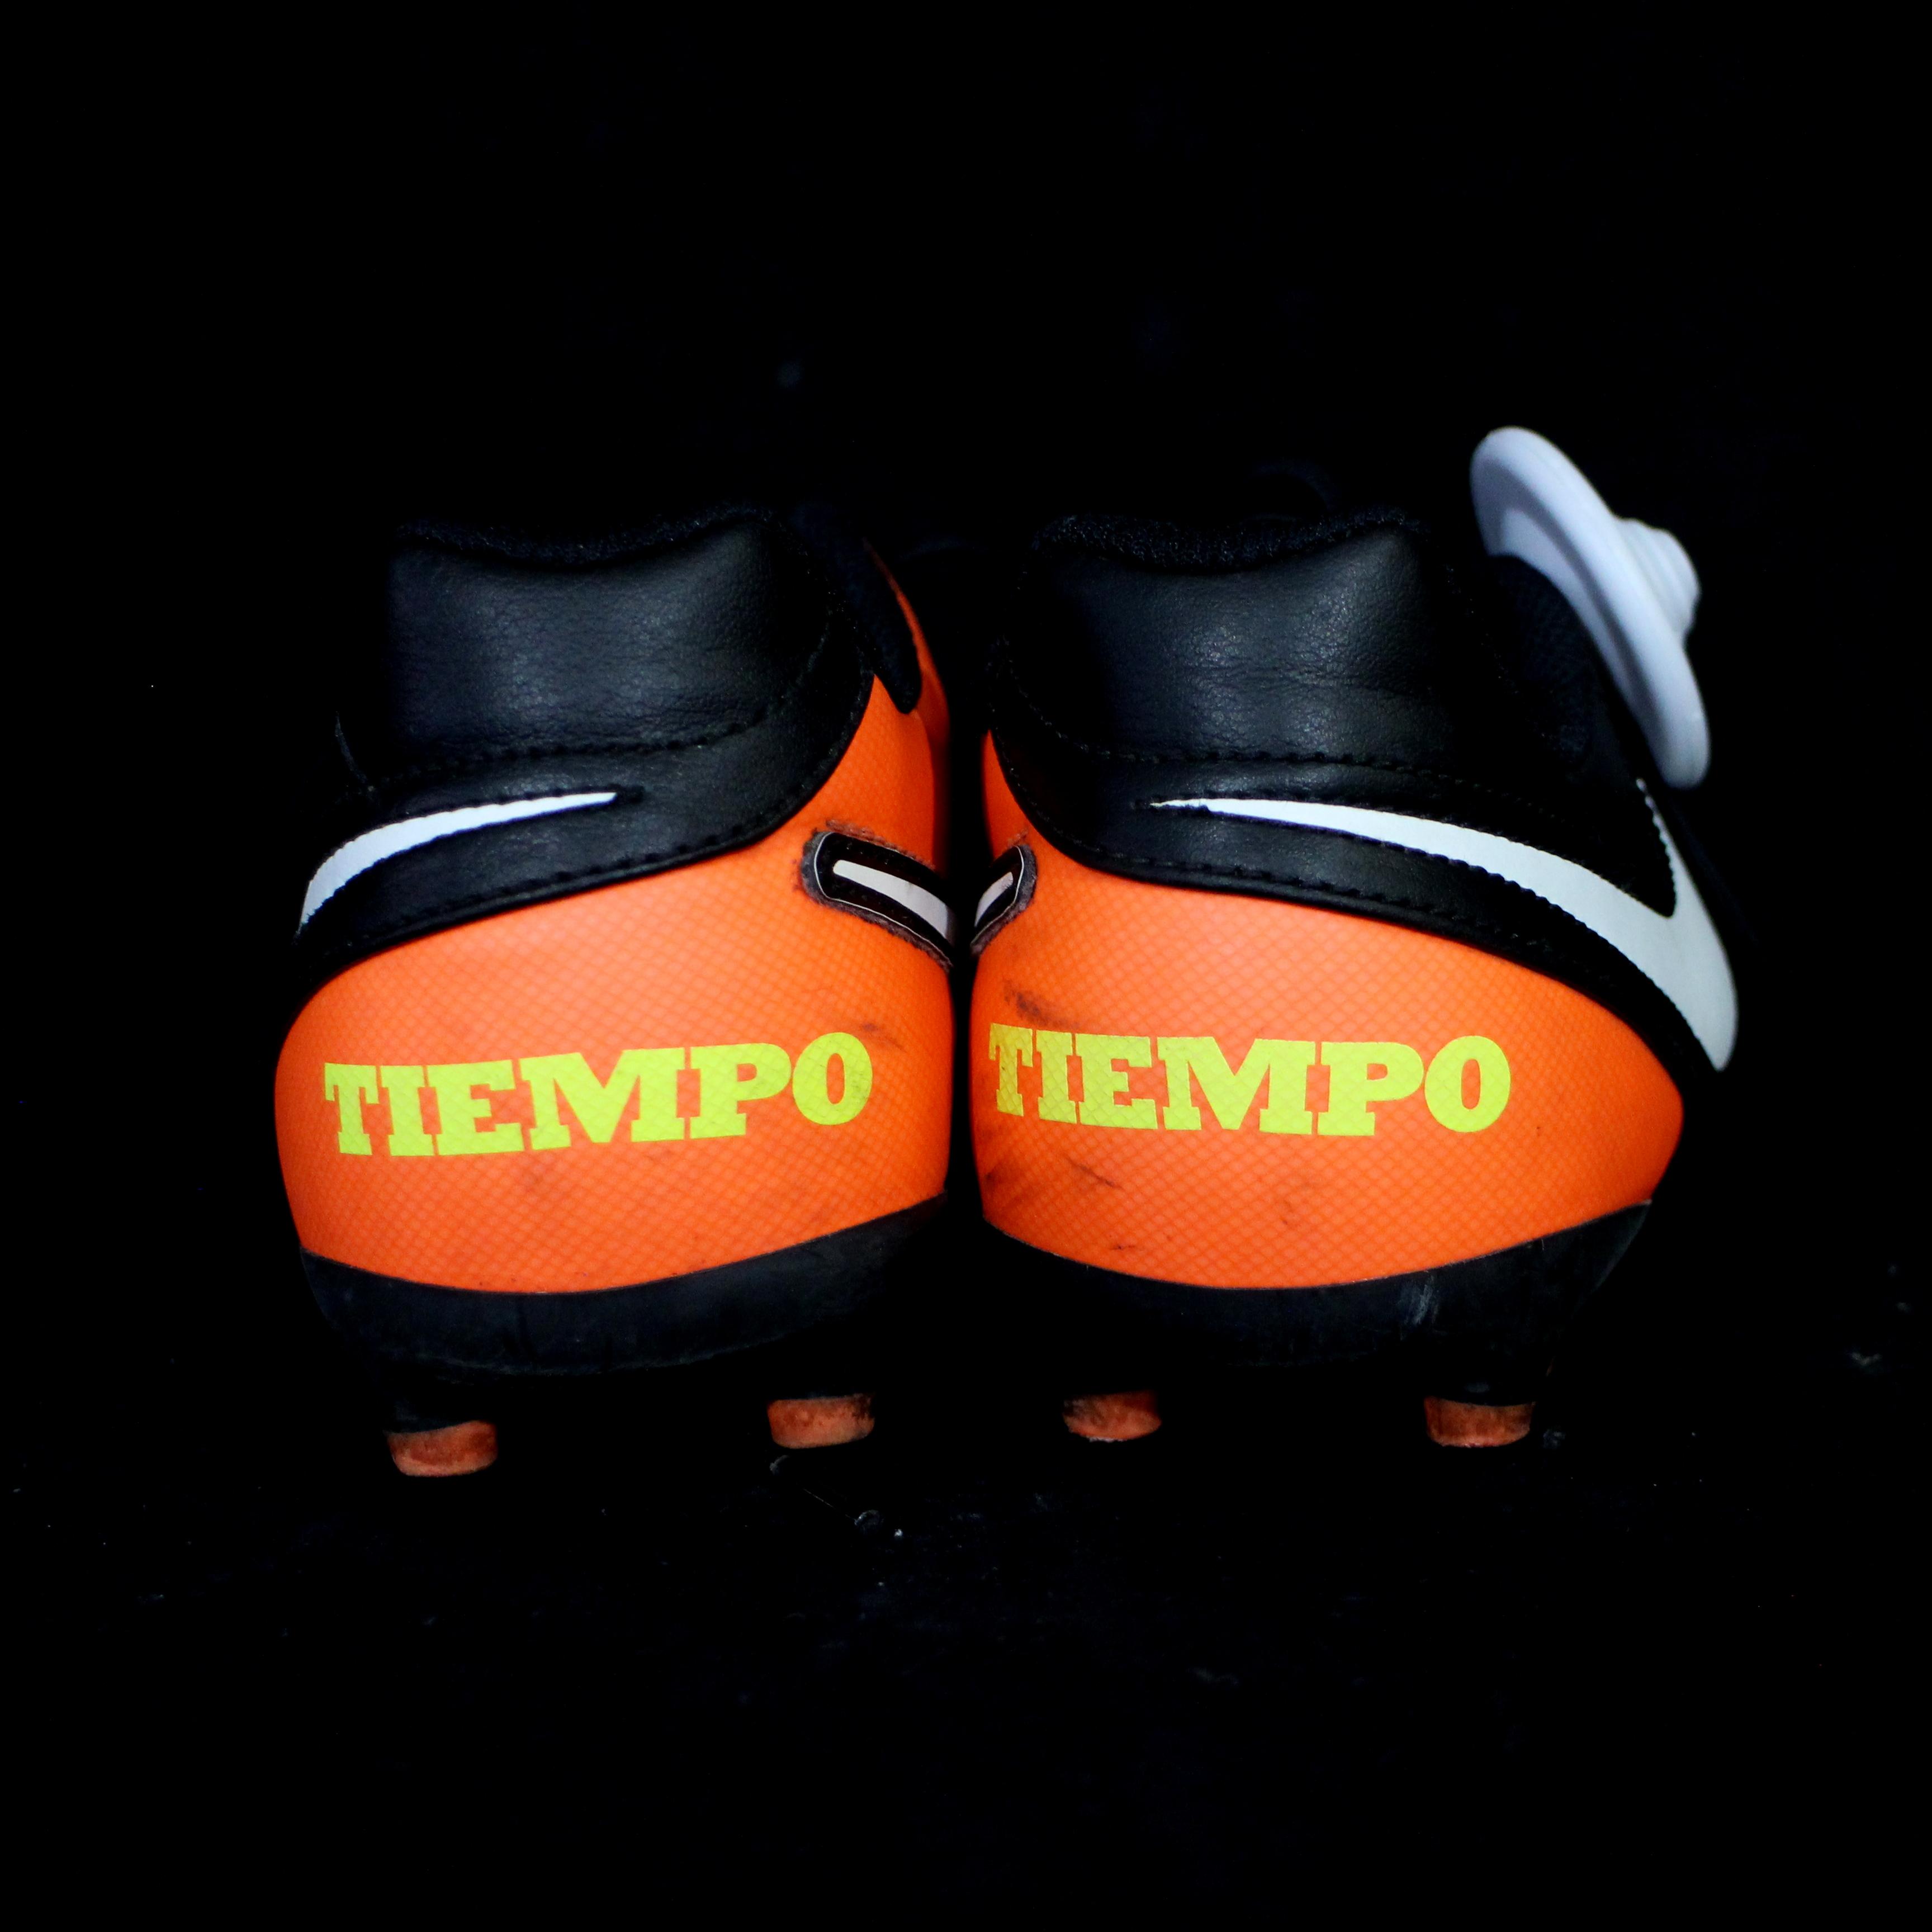 – Tiempo' Arancio 6yf7viybg Nere 5 Calcio N36 'nike Scarpe Sostenibile KcuT3lF1J